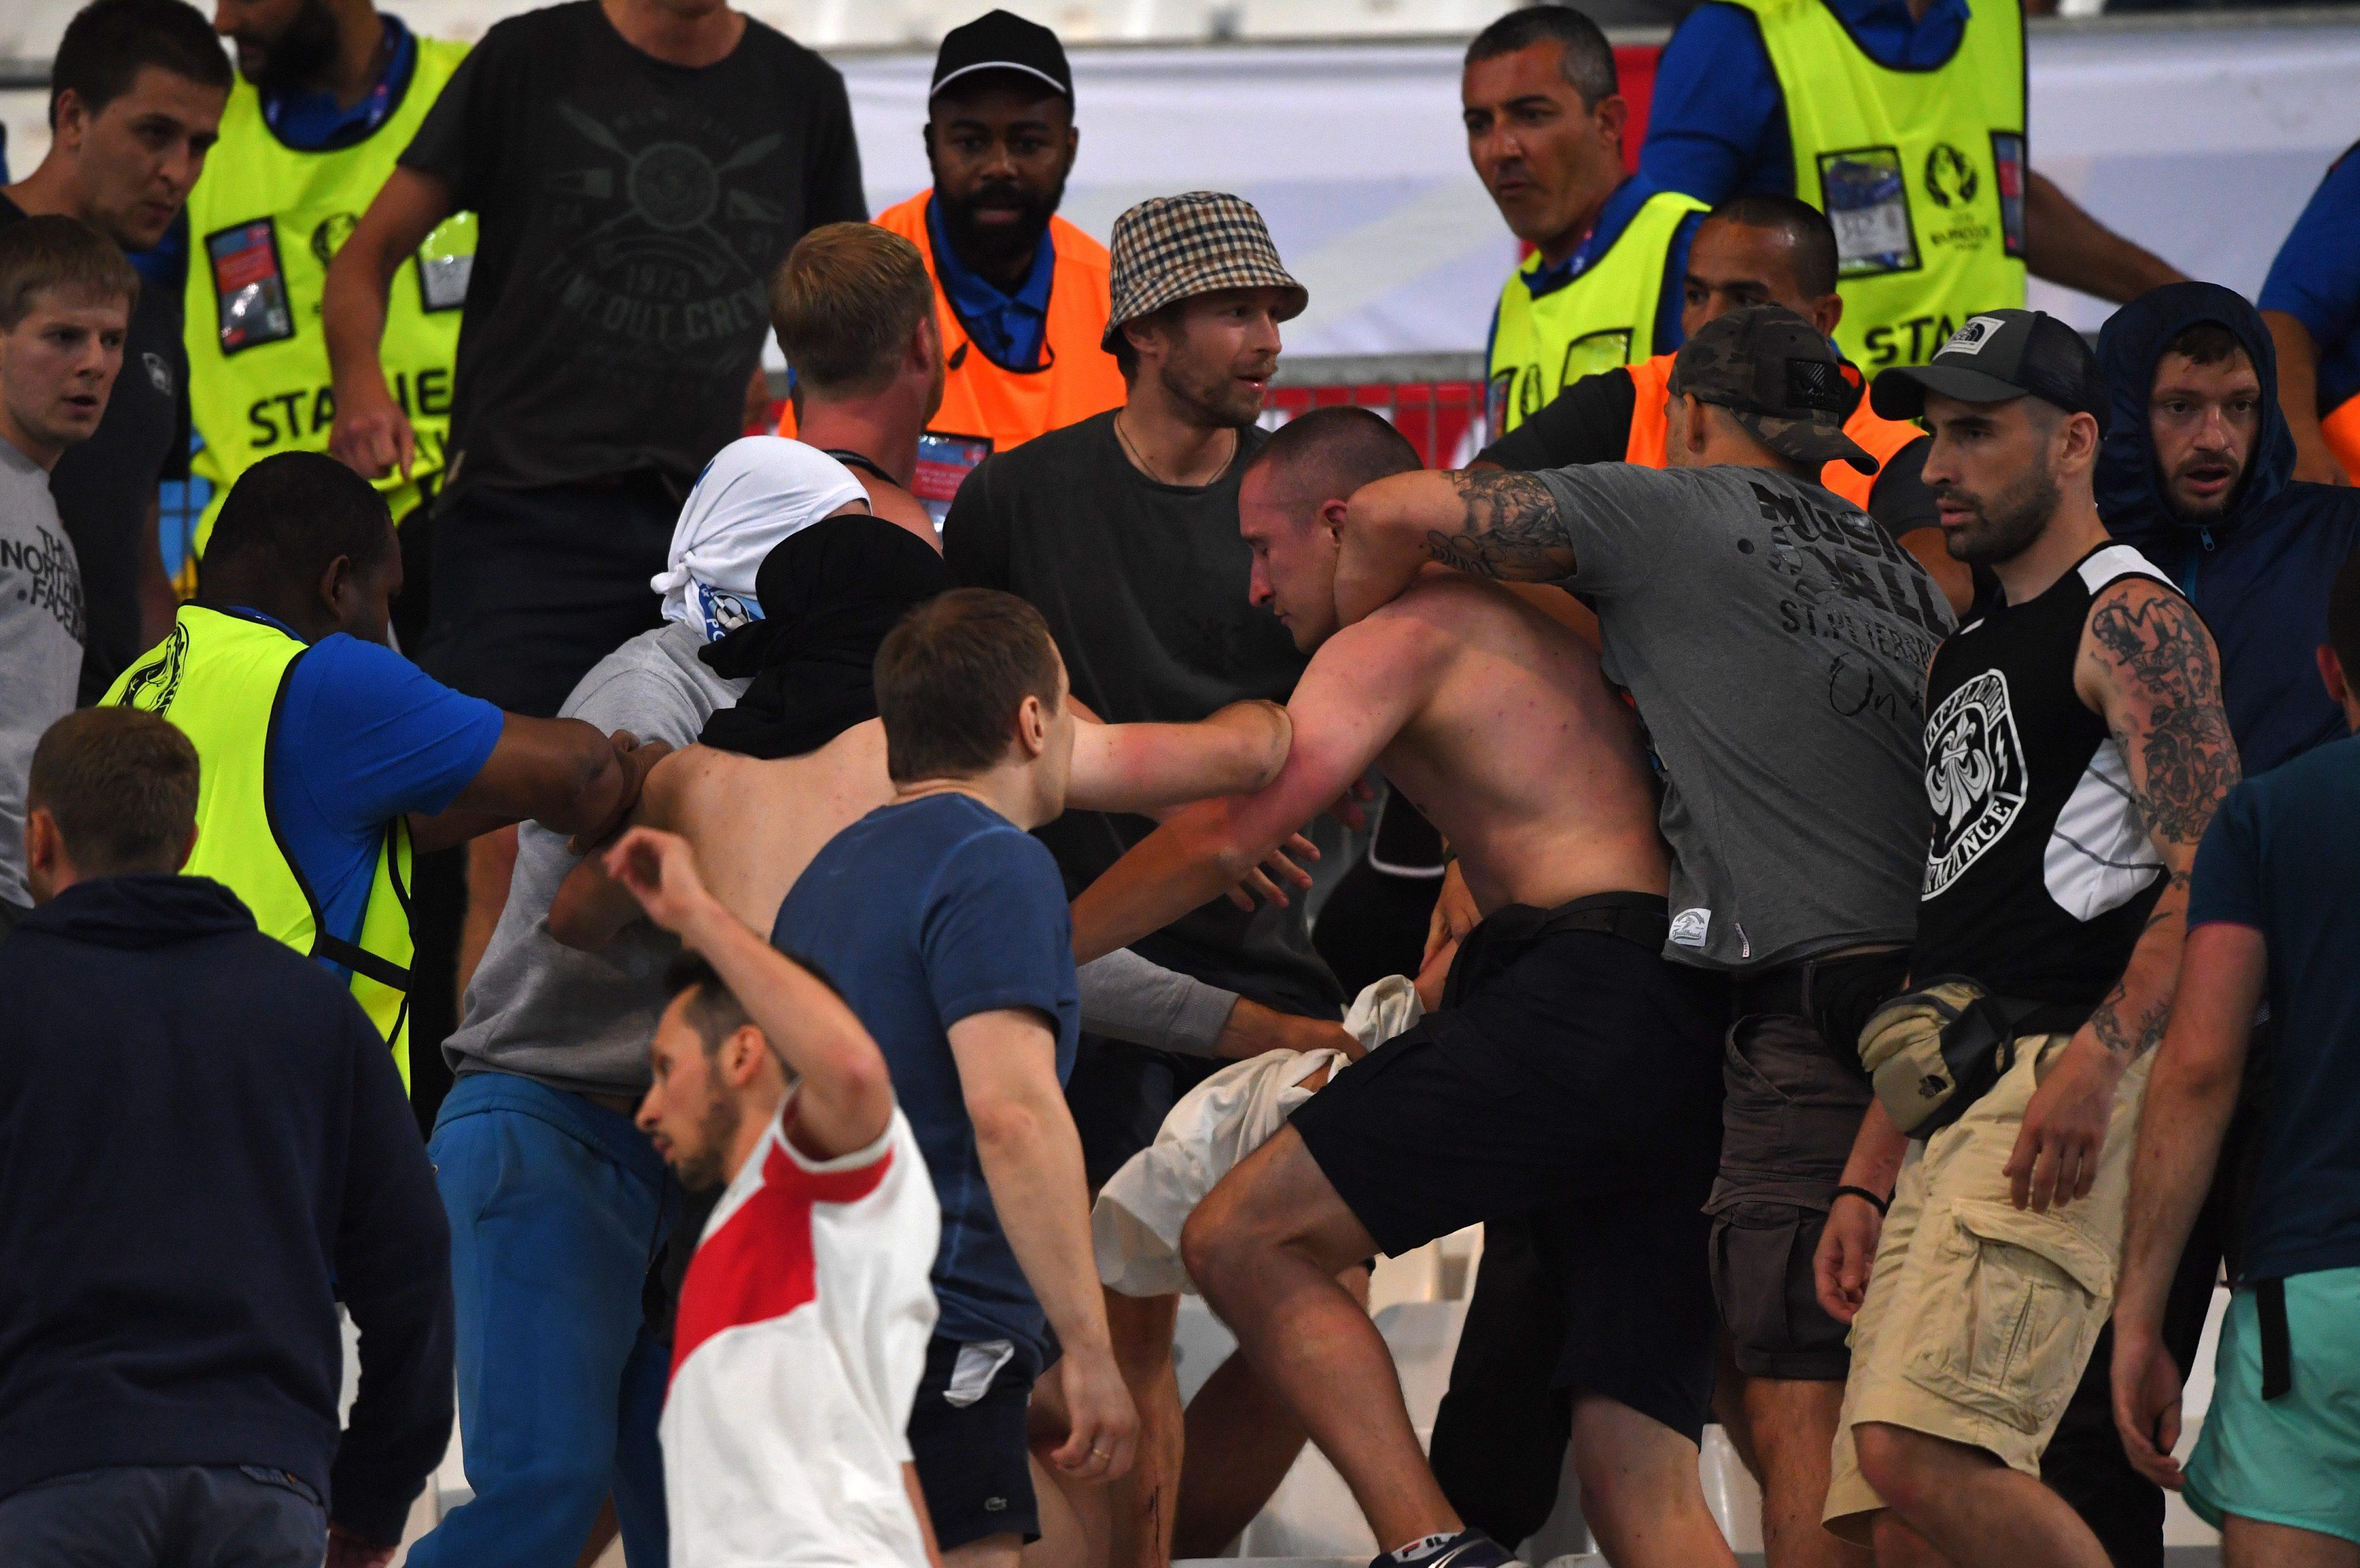 Руски експерти посочват, че във Франция е влязла организирана група от около 300 хулигани. Най-зловещите фракции на крайни фенове на футболните отбори в Русия са се обединили и са изпратили хора на Евро 2016